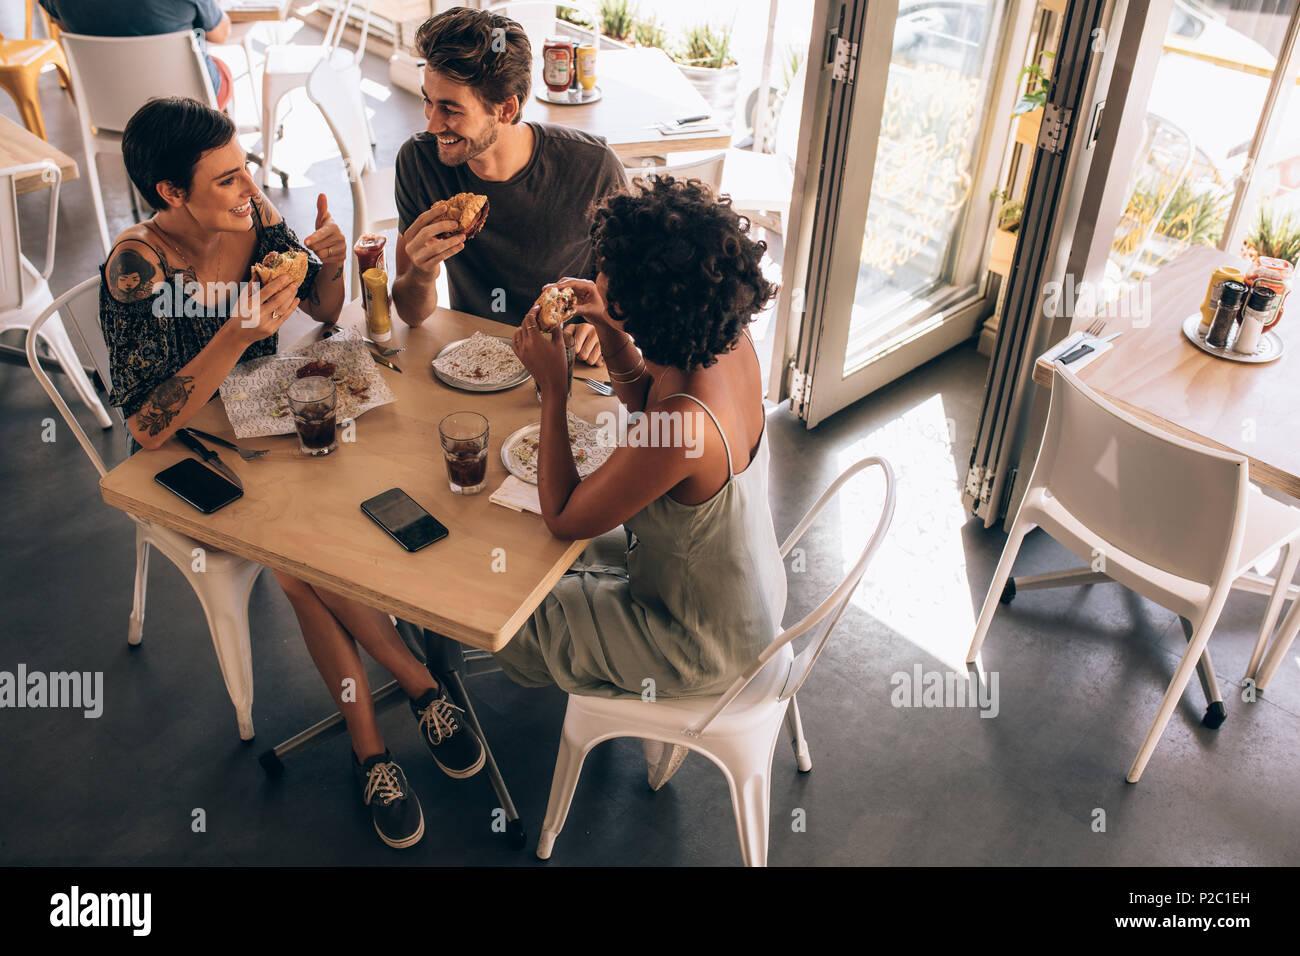 Un alto ángulo de visualización de tres jóvenes amigos que hamburguesa en un restaurante. Un pequeño grupo de hombres y mujeres sentados alrededor de mesita de café hablar y comer. Foto de stock